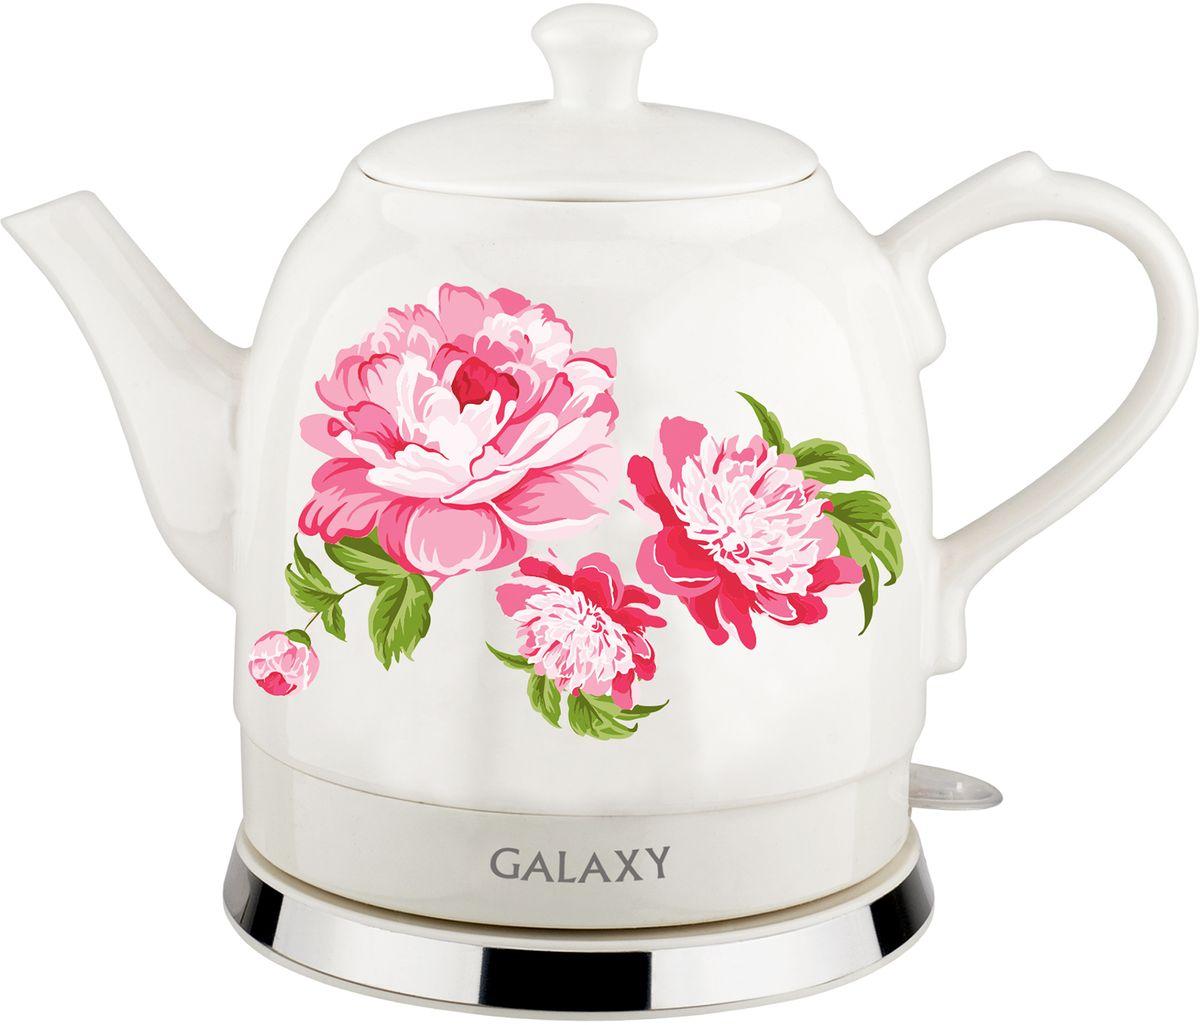 Galaxy GL 0503 чайник электрический4630003364074Керамический чайник Galaxy GL 0503 создает теплую атмосферу на кухне и располагает к душевной беседе за чашкой чая. Благодаря толстым стенкам, чайник работает бесшумно. Керамический чайник Galaxy GL 0503, как и любая посуда из этого материала, долго сохраняет тепло, позволяя значительно сократить энергозатраты. Во время чаепития вы можете разместить керамический чайник Galaxy GL 0503 на столе. В отличие от пластиковых и металлических чайников, керамический чайник вписывается в картину чаепития очень гармонично.